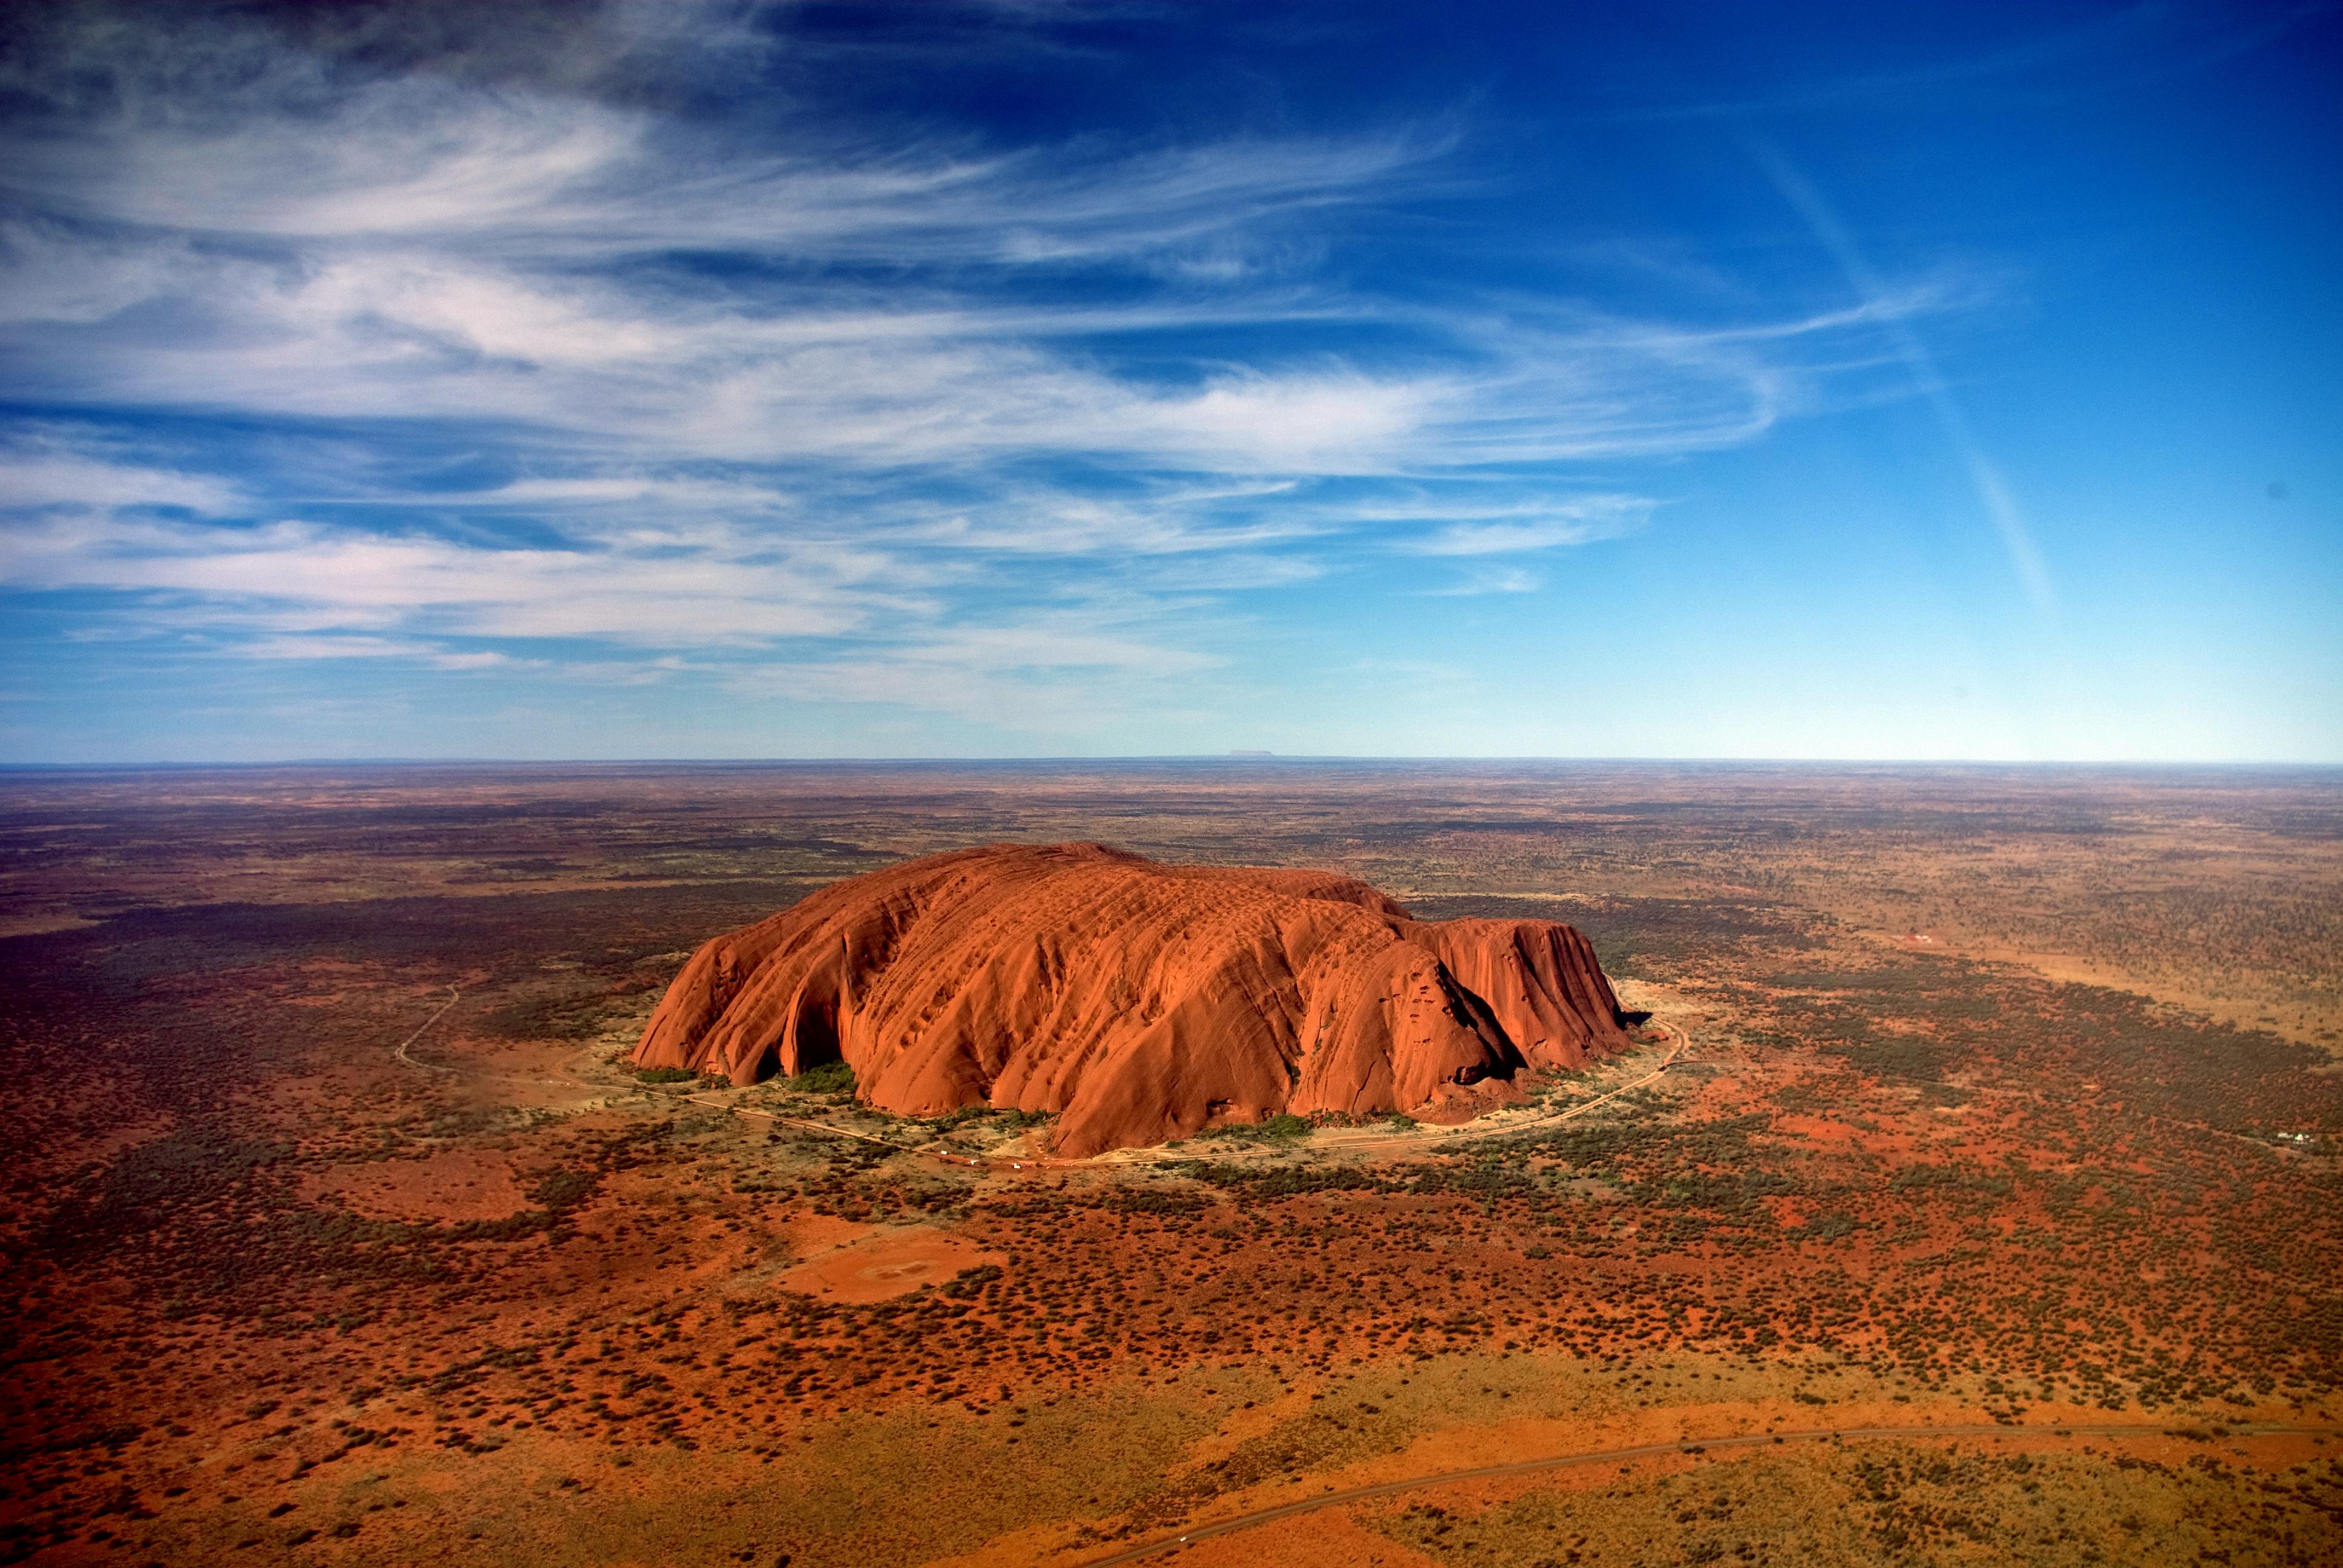 guia de viaje a australia - uluru